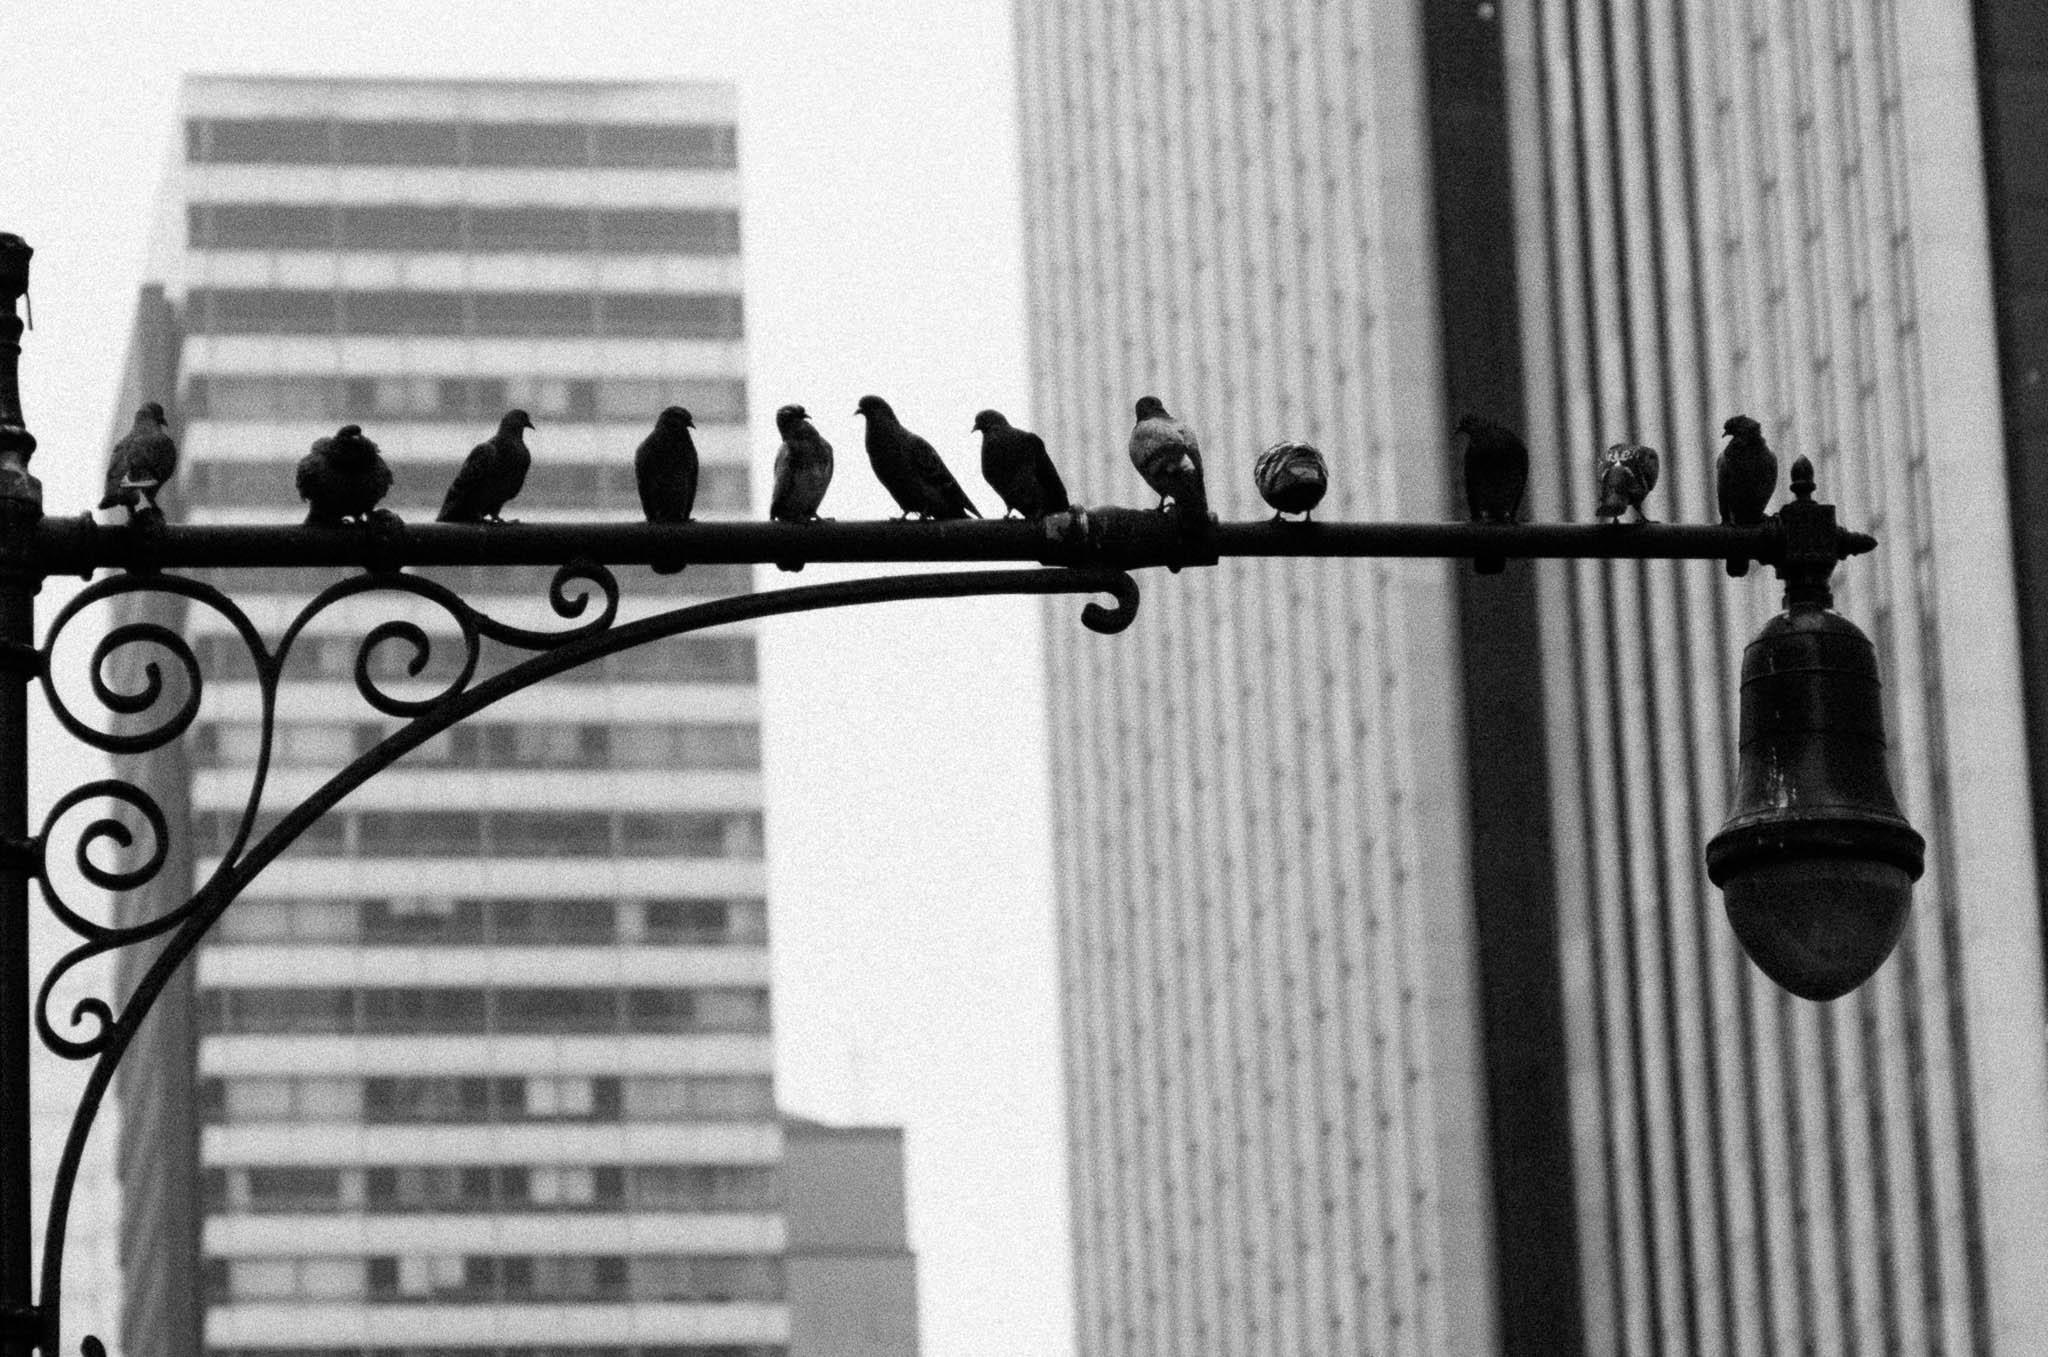 New York_20140609_K5_26863_©2014ArgunTekant.jpg